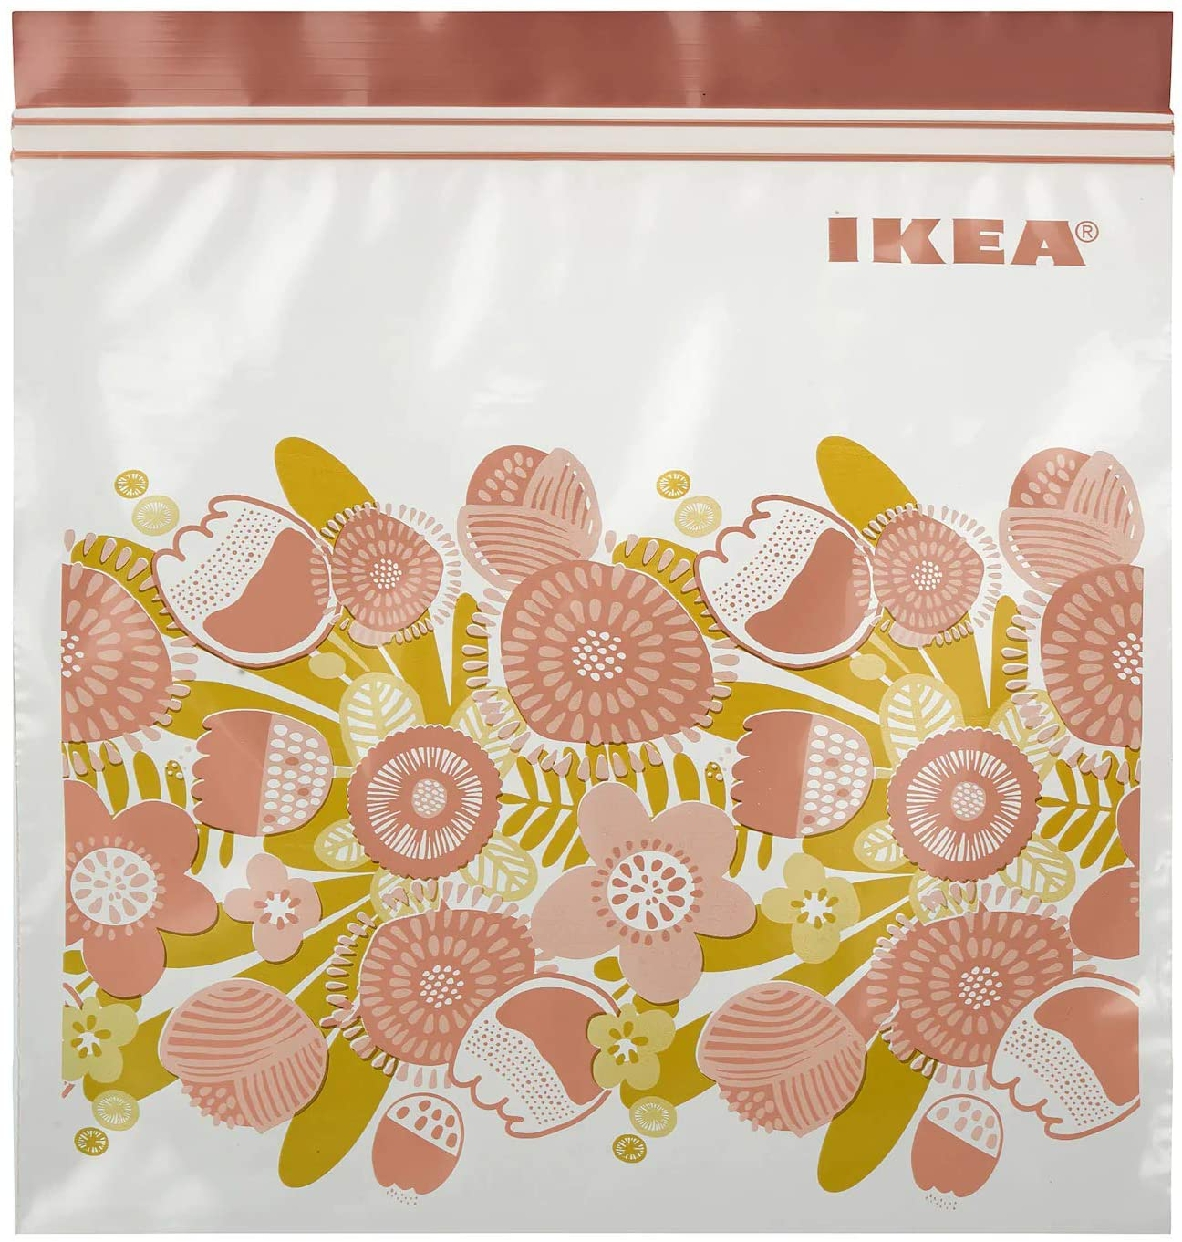 IKEA(イケア) KLENAT 45枚セットの商品画像2